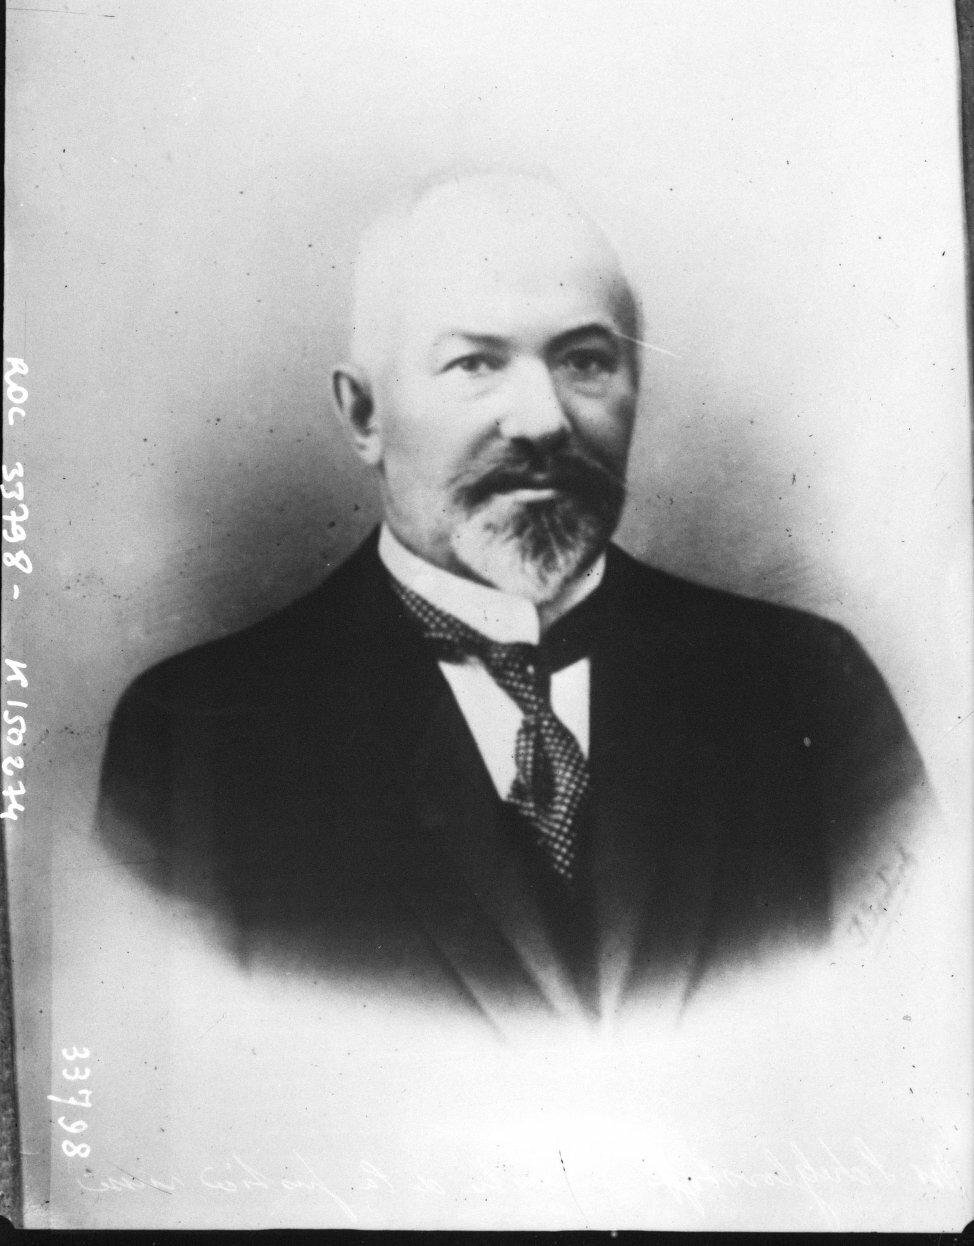 Иван Григорьевич Щегловитов, министр юстиции.  Был одним из инициаторов и ключевых фигур в организации «ритуального процесса»